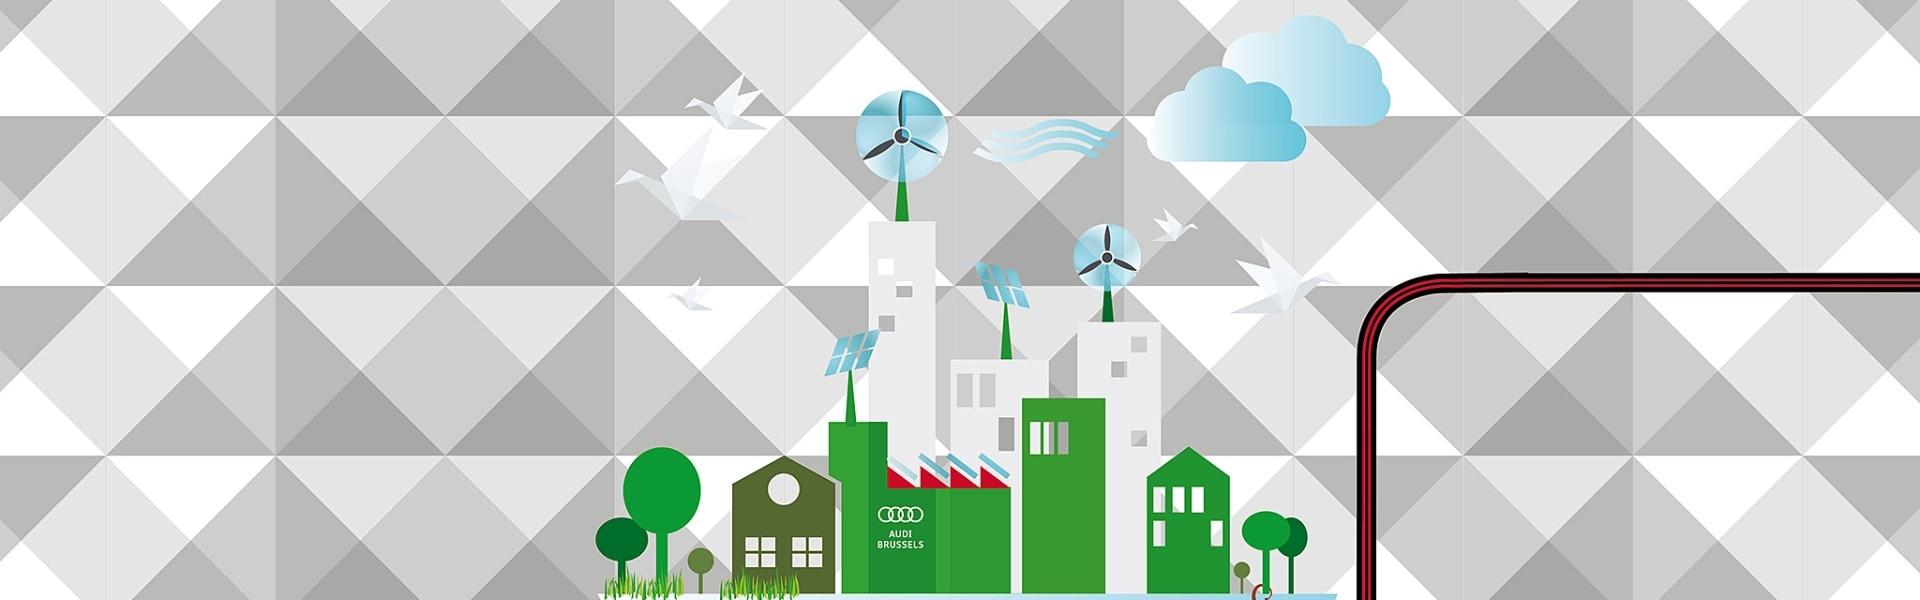 Zelena grafika mesta, ki ne onesnažuje okolja. Na sivi podlagi